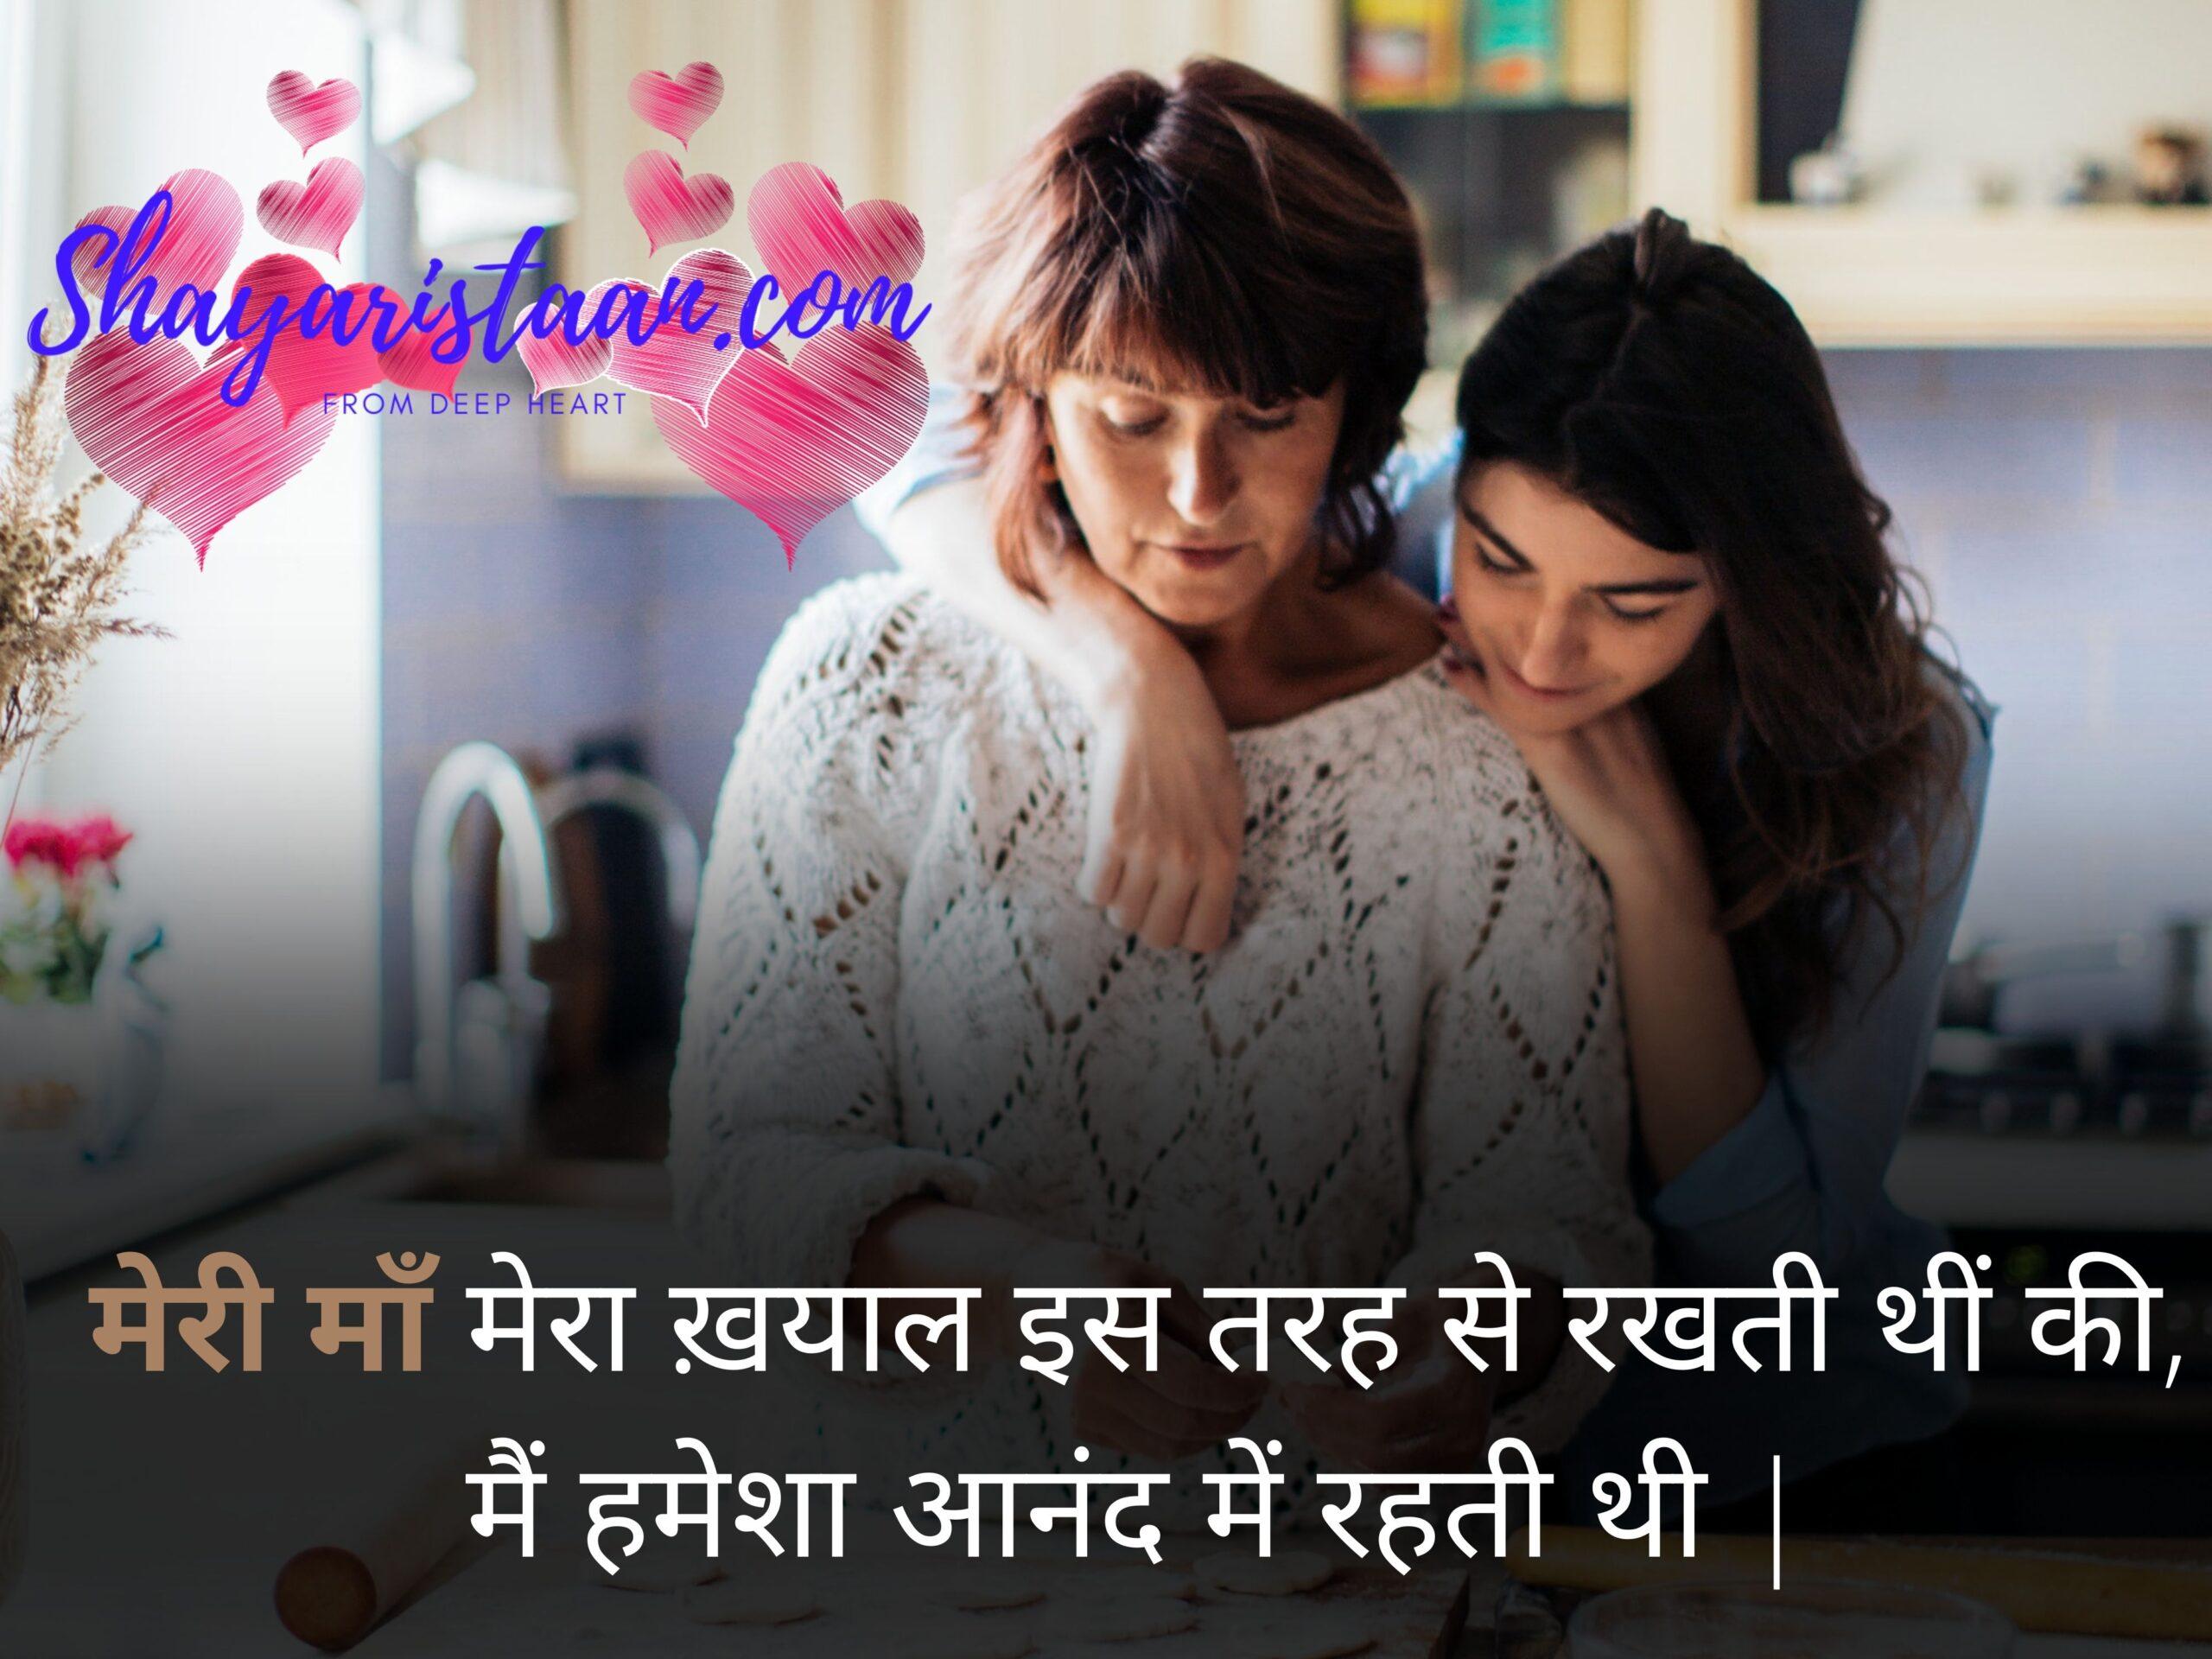 mother quotes in hindi   मेरी माँ मेरा ख़याल इस तरह से रखती थीं की, मैं हमेशा आनंद में रहती थी  